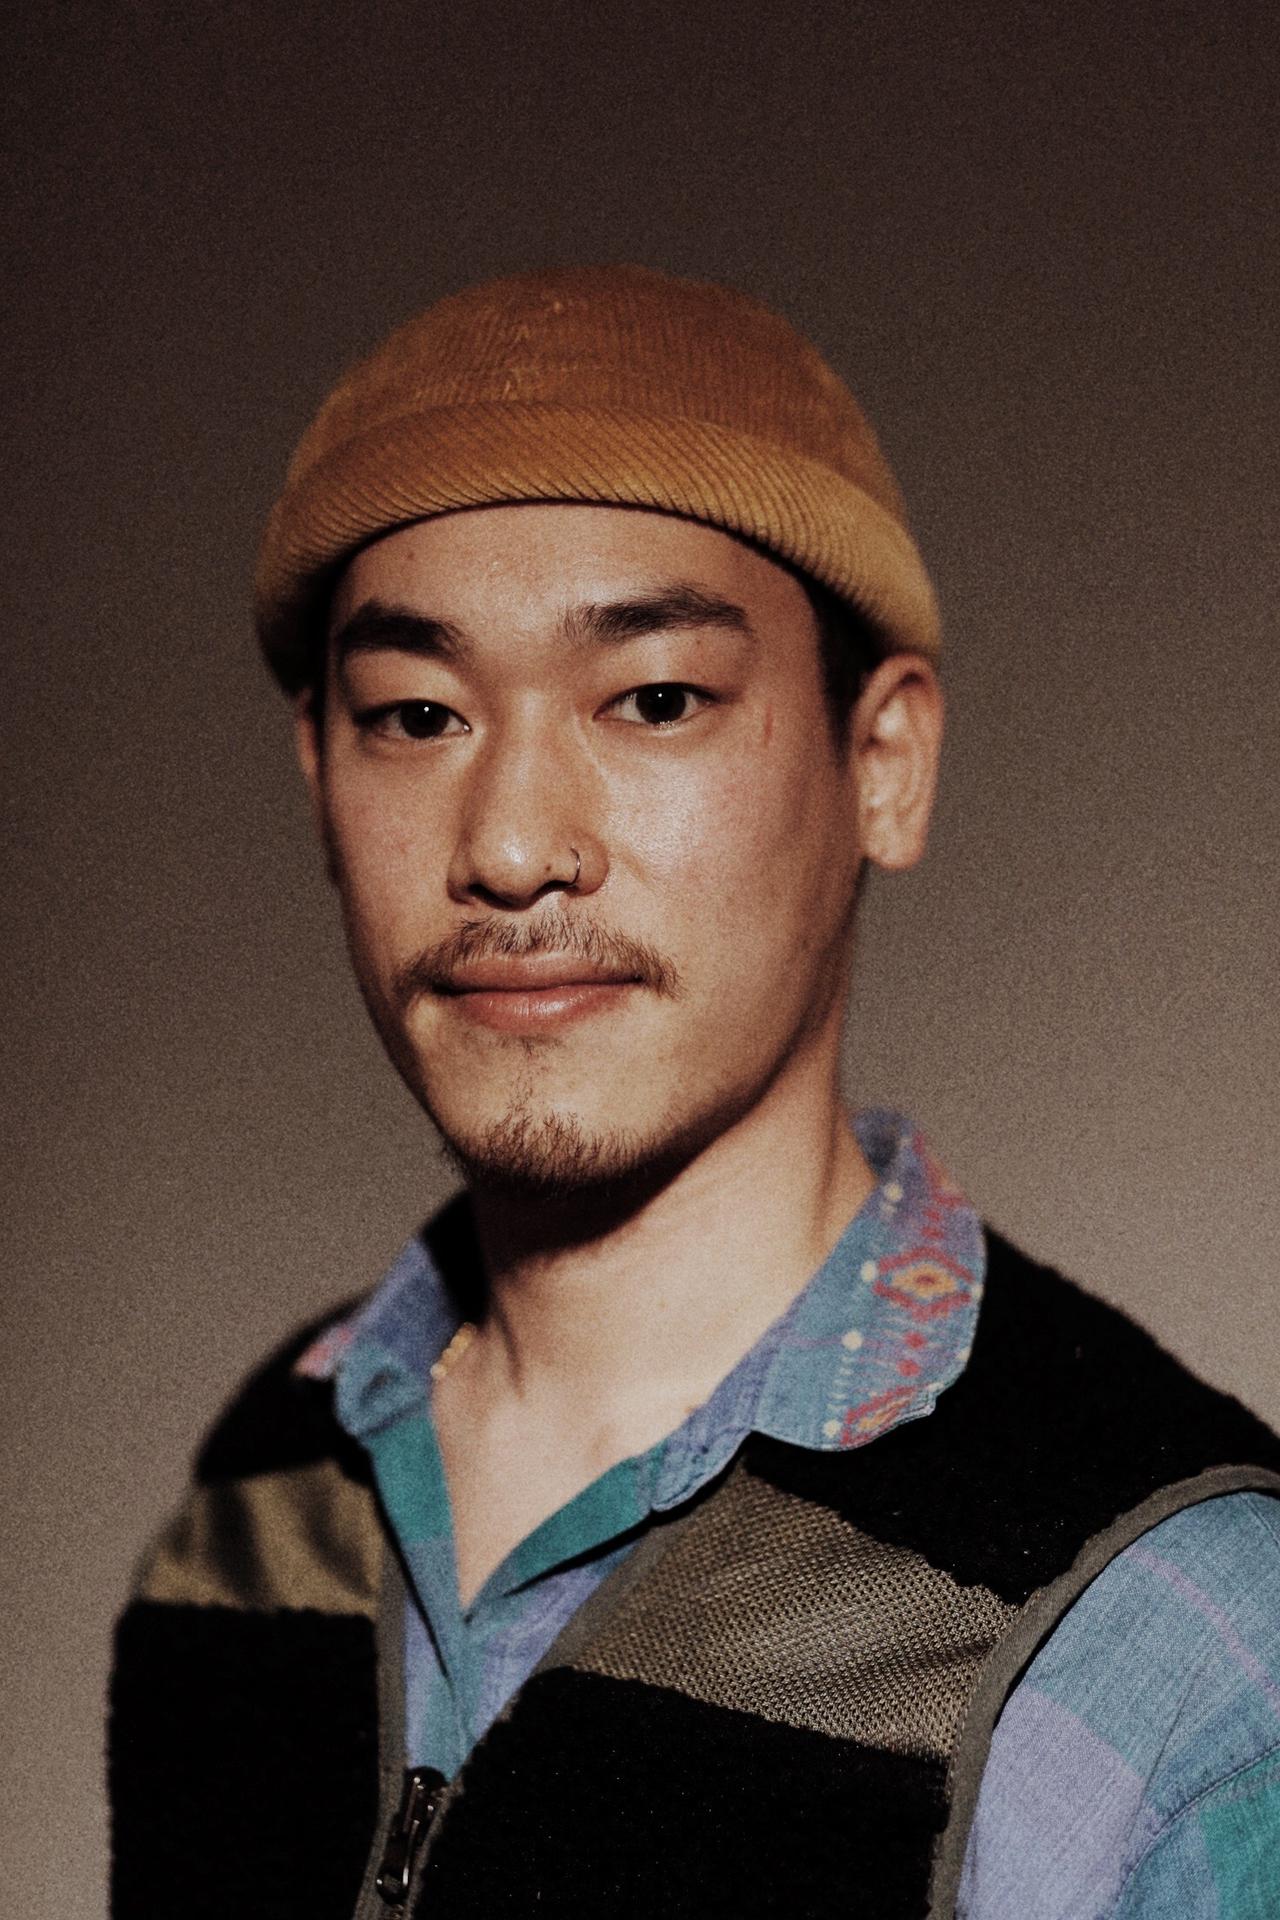 Jun Mabuchi